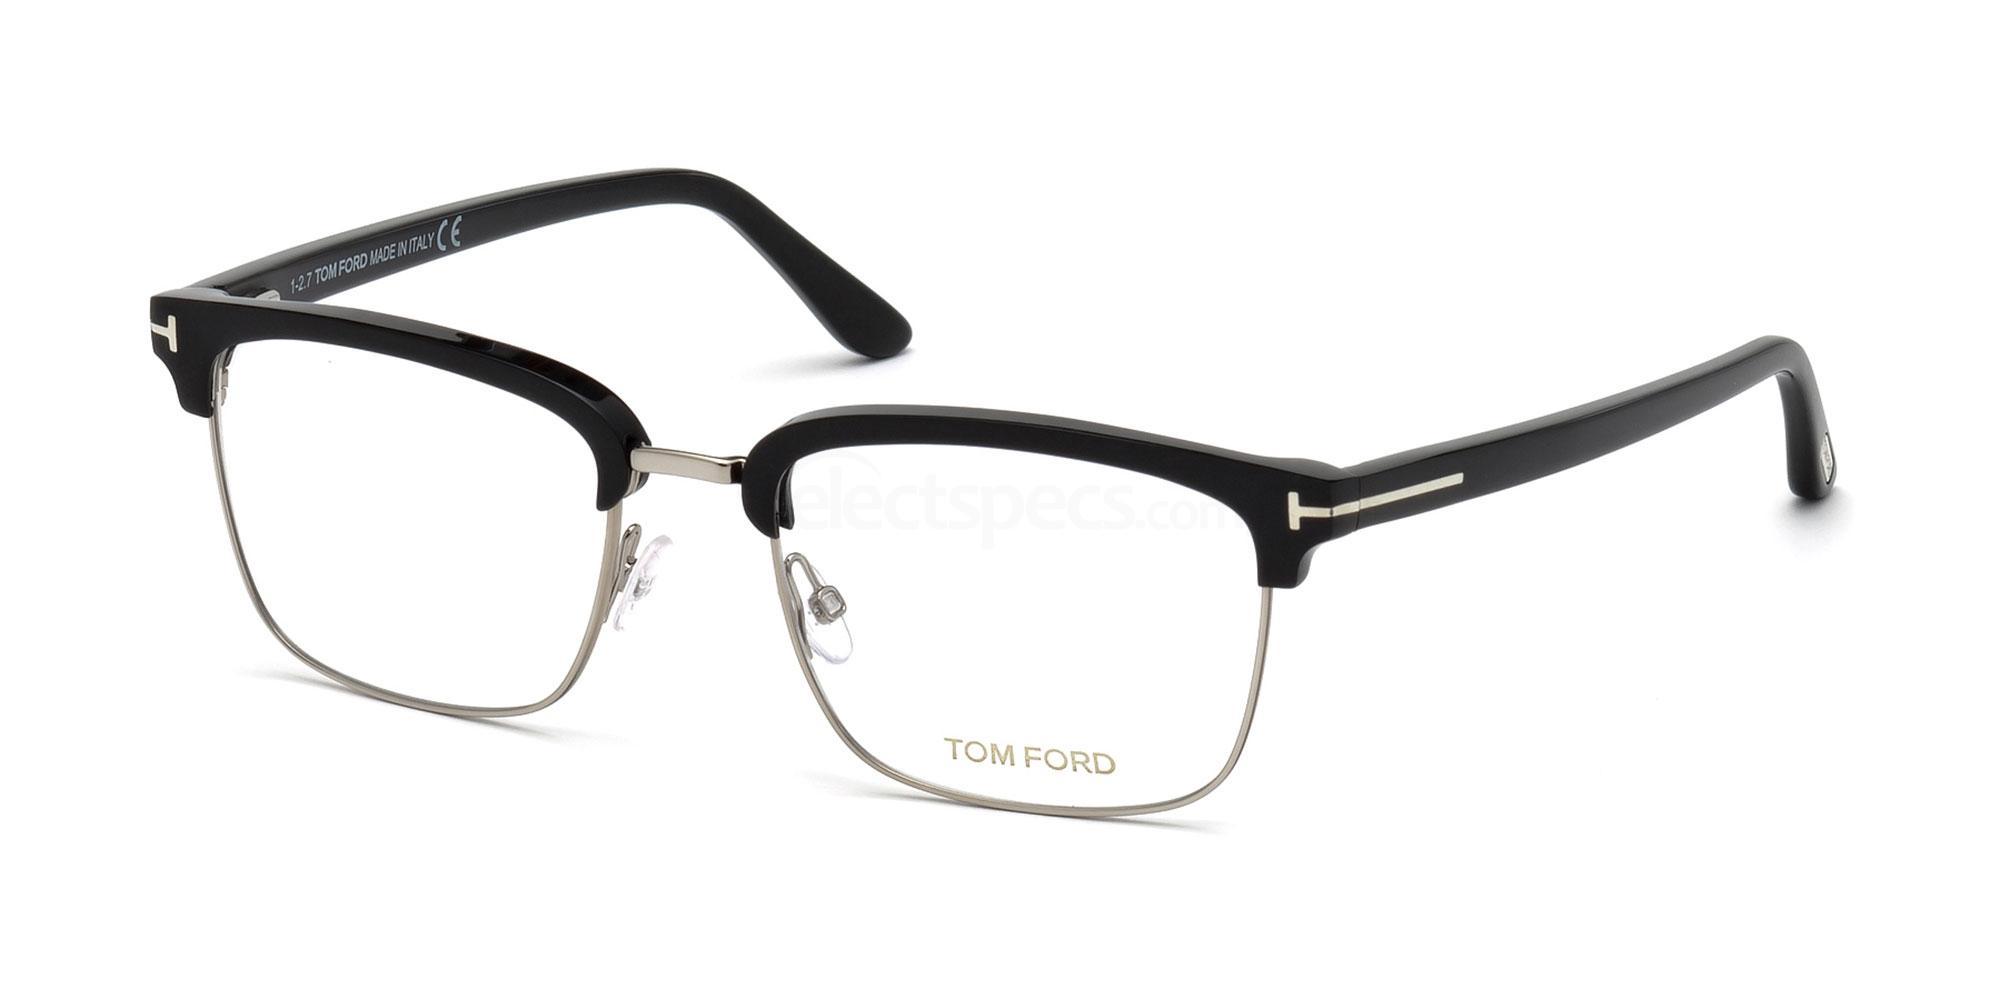 005 FT5504 Glasses, Tom Ford